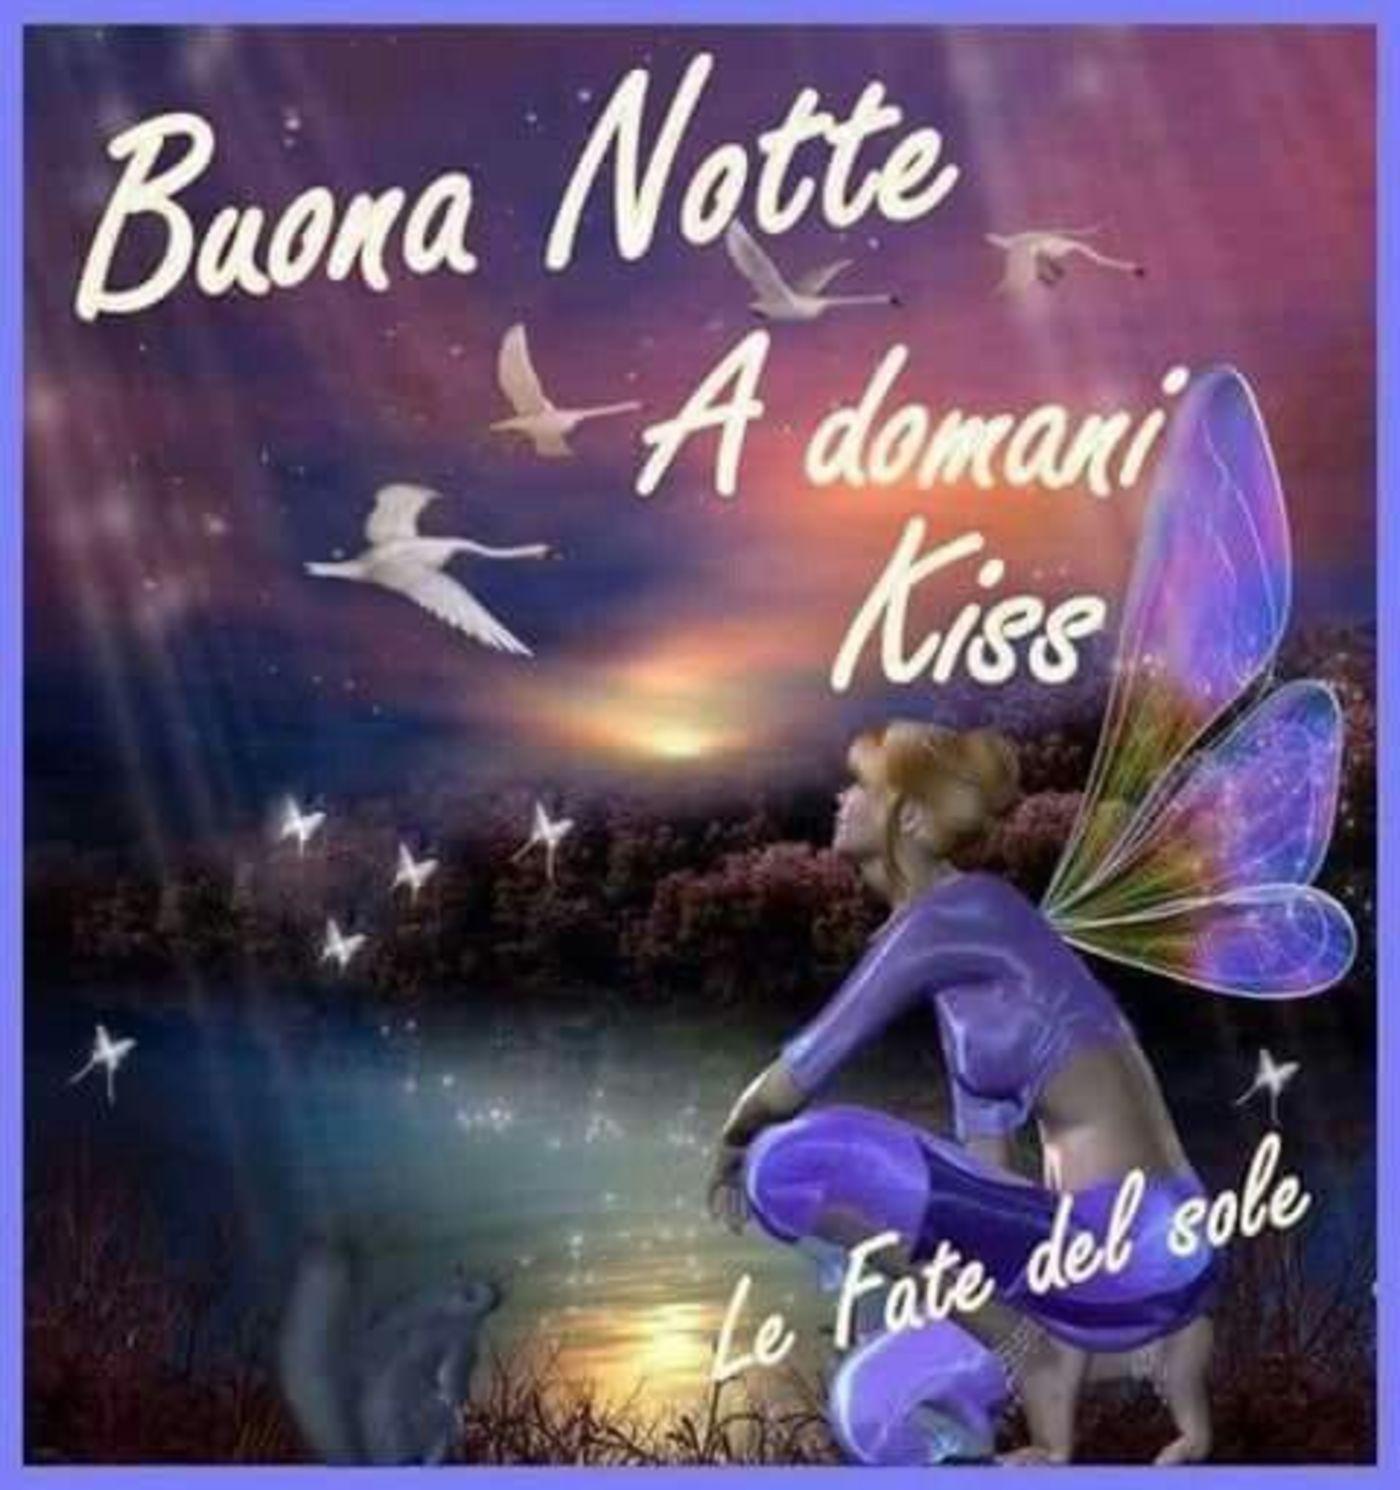 Buonanotte Facebook 852 Buongiornissimocaffe It